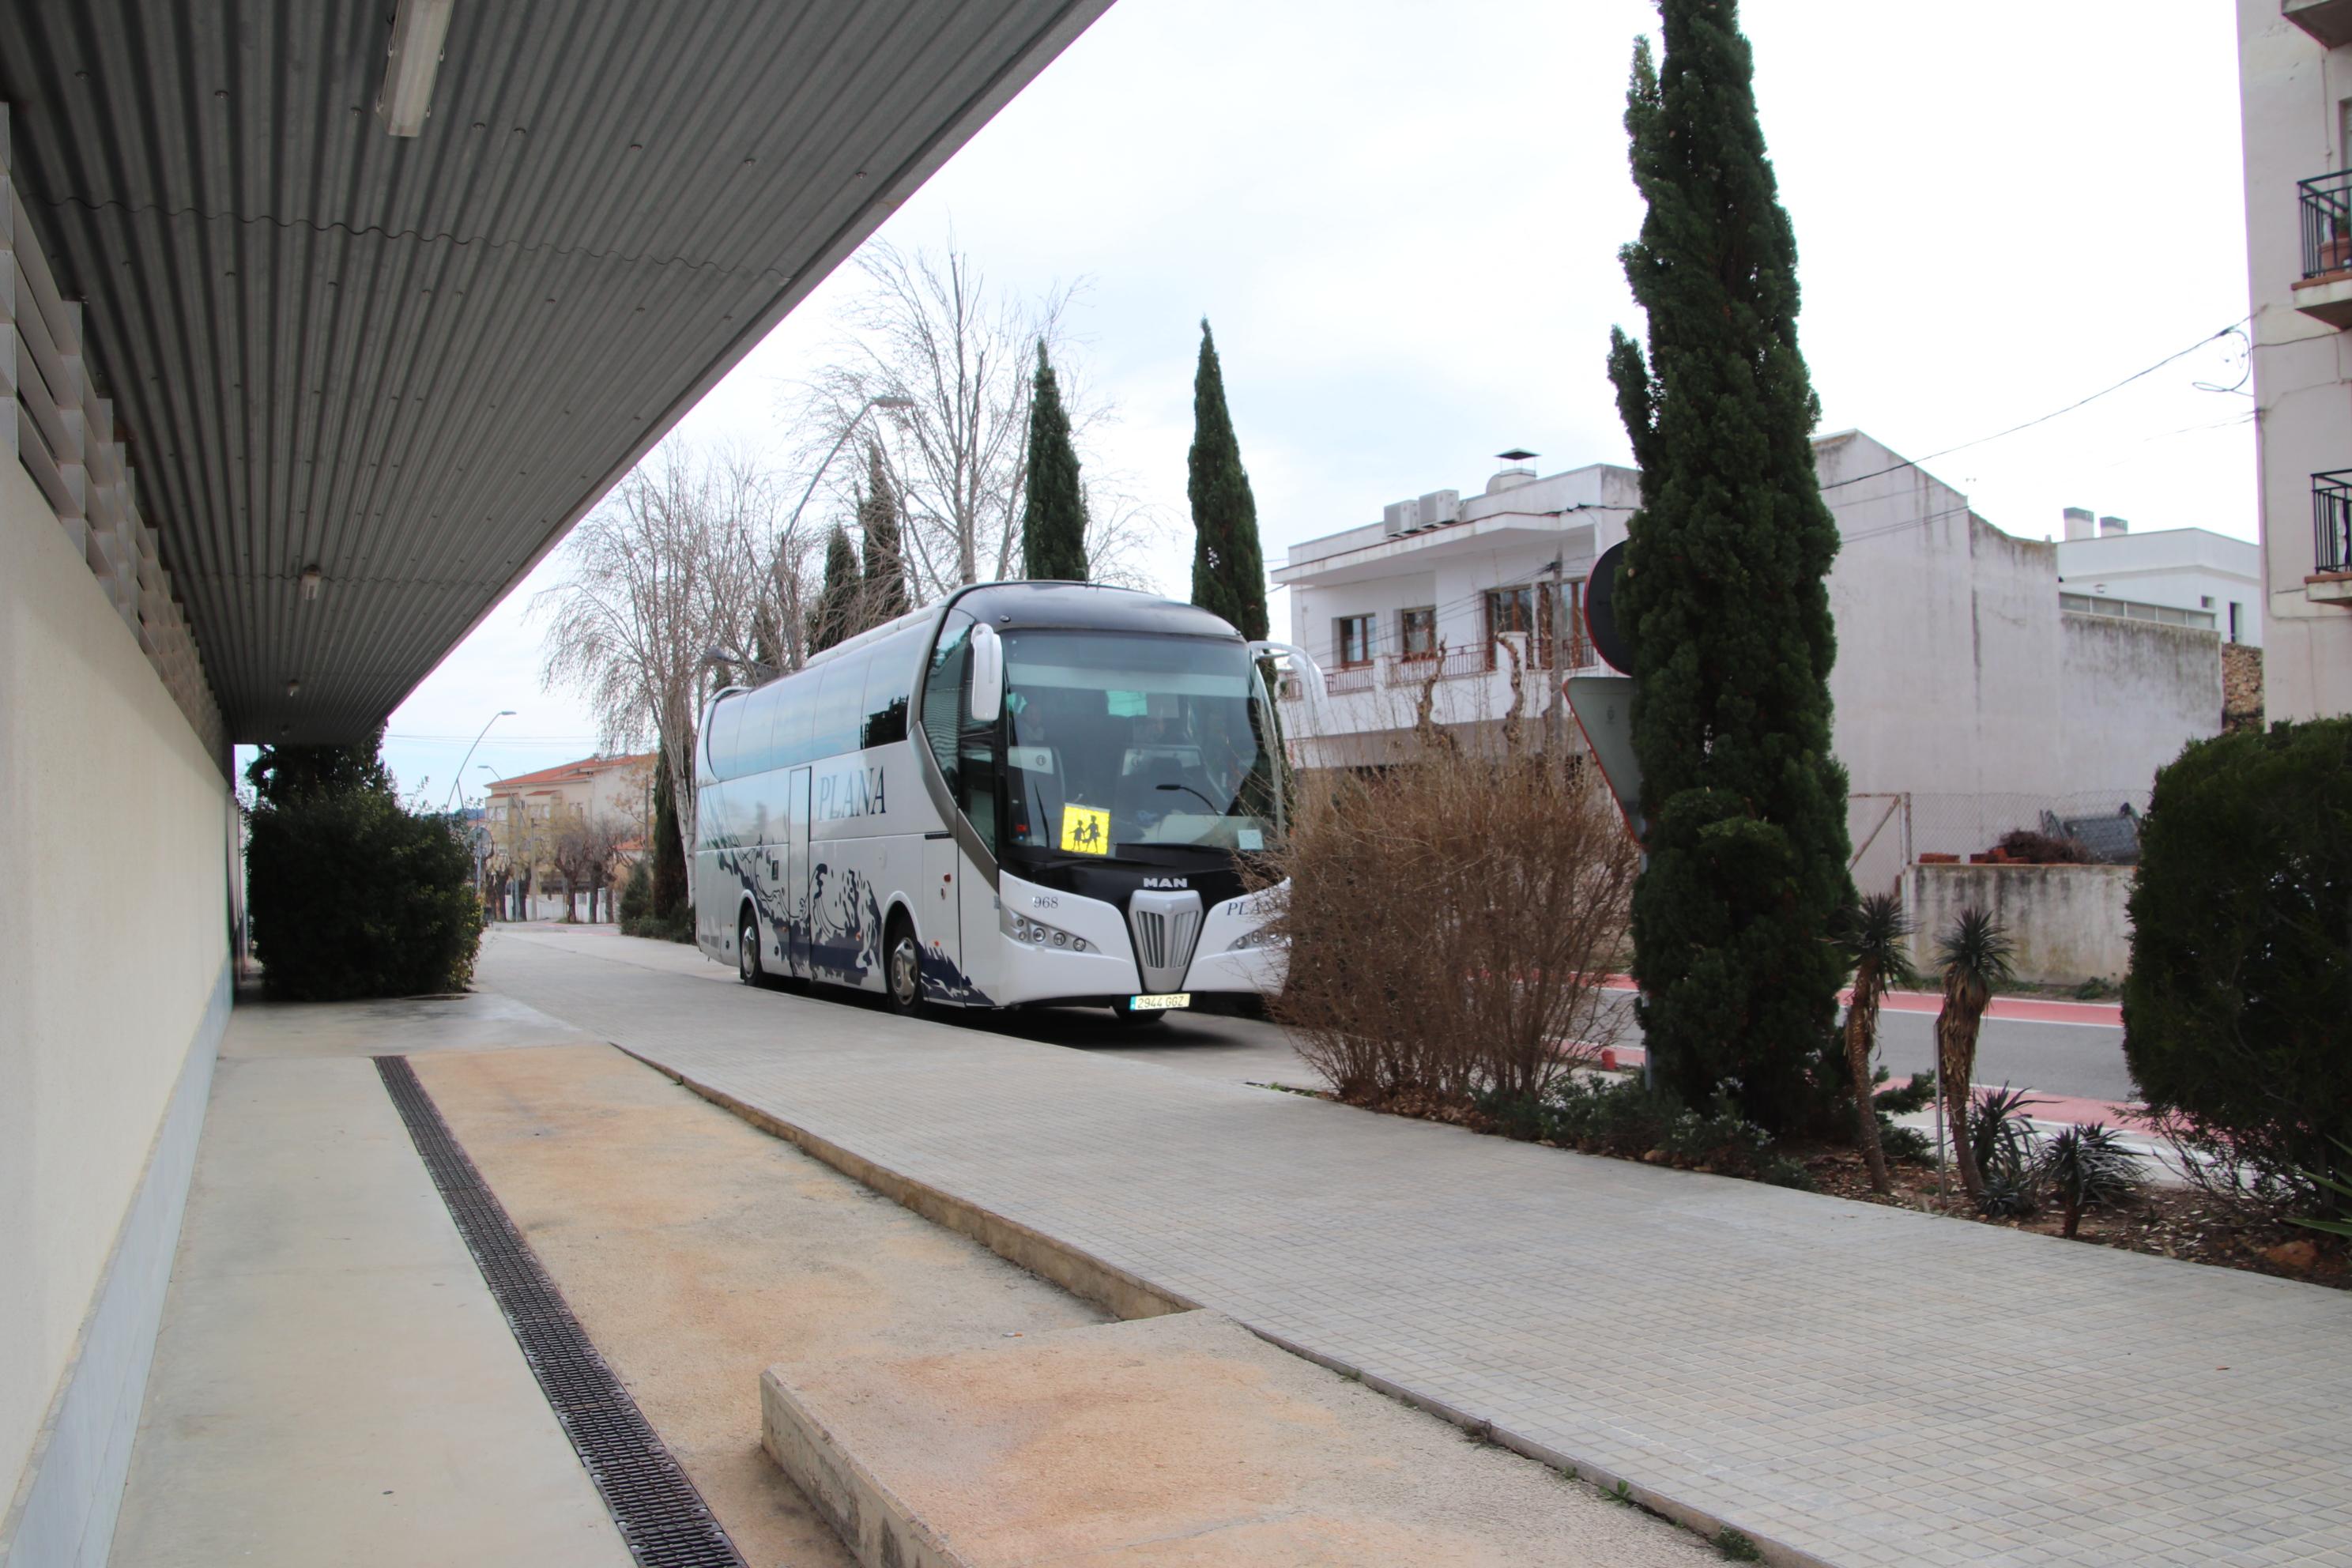 La Junta de govern ha aprovat el pagament de les subvencions per al transport escolar intramunicipal del CCBP